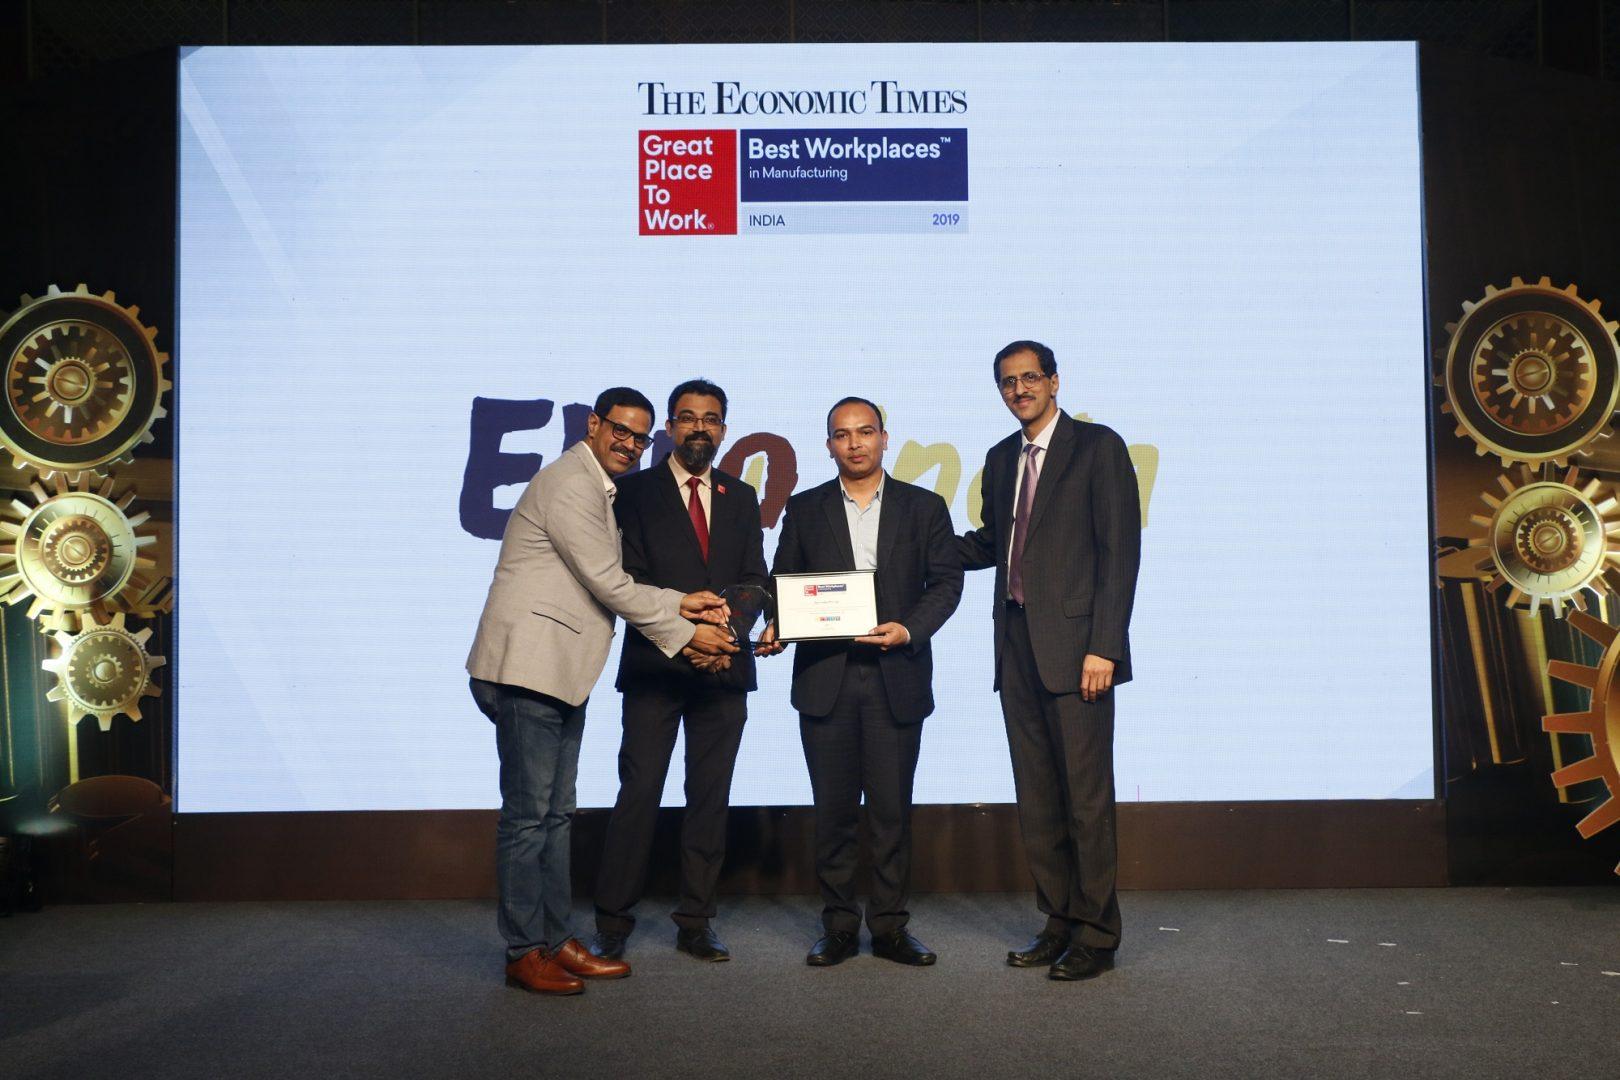 Ebro India se posiciona entre las 25 mejores empresas de fabricación en India